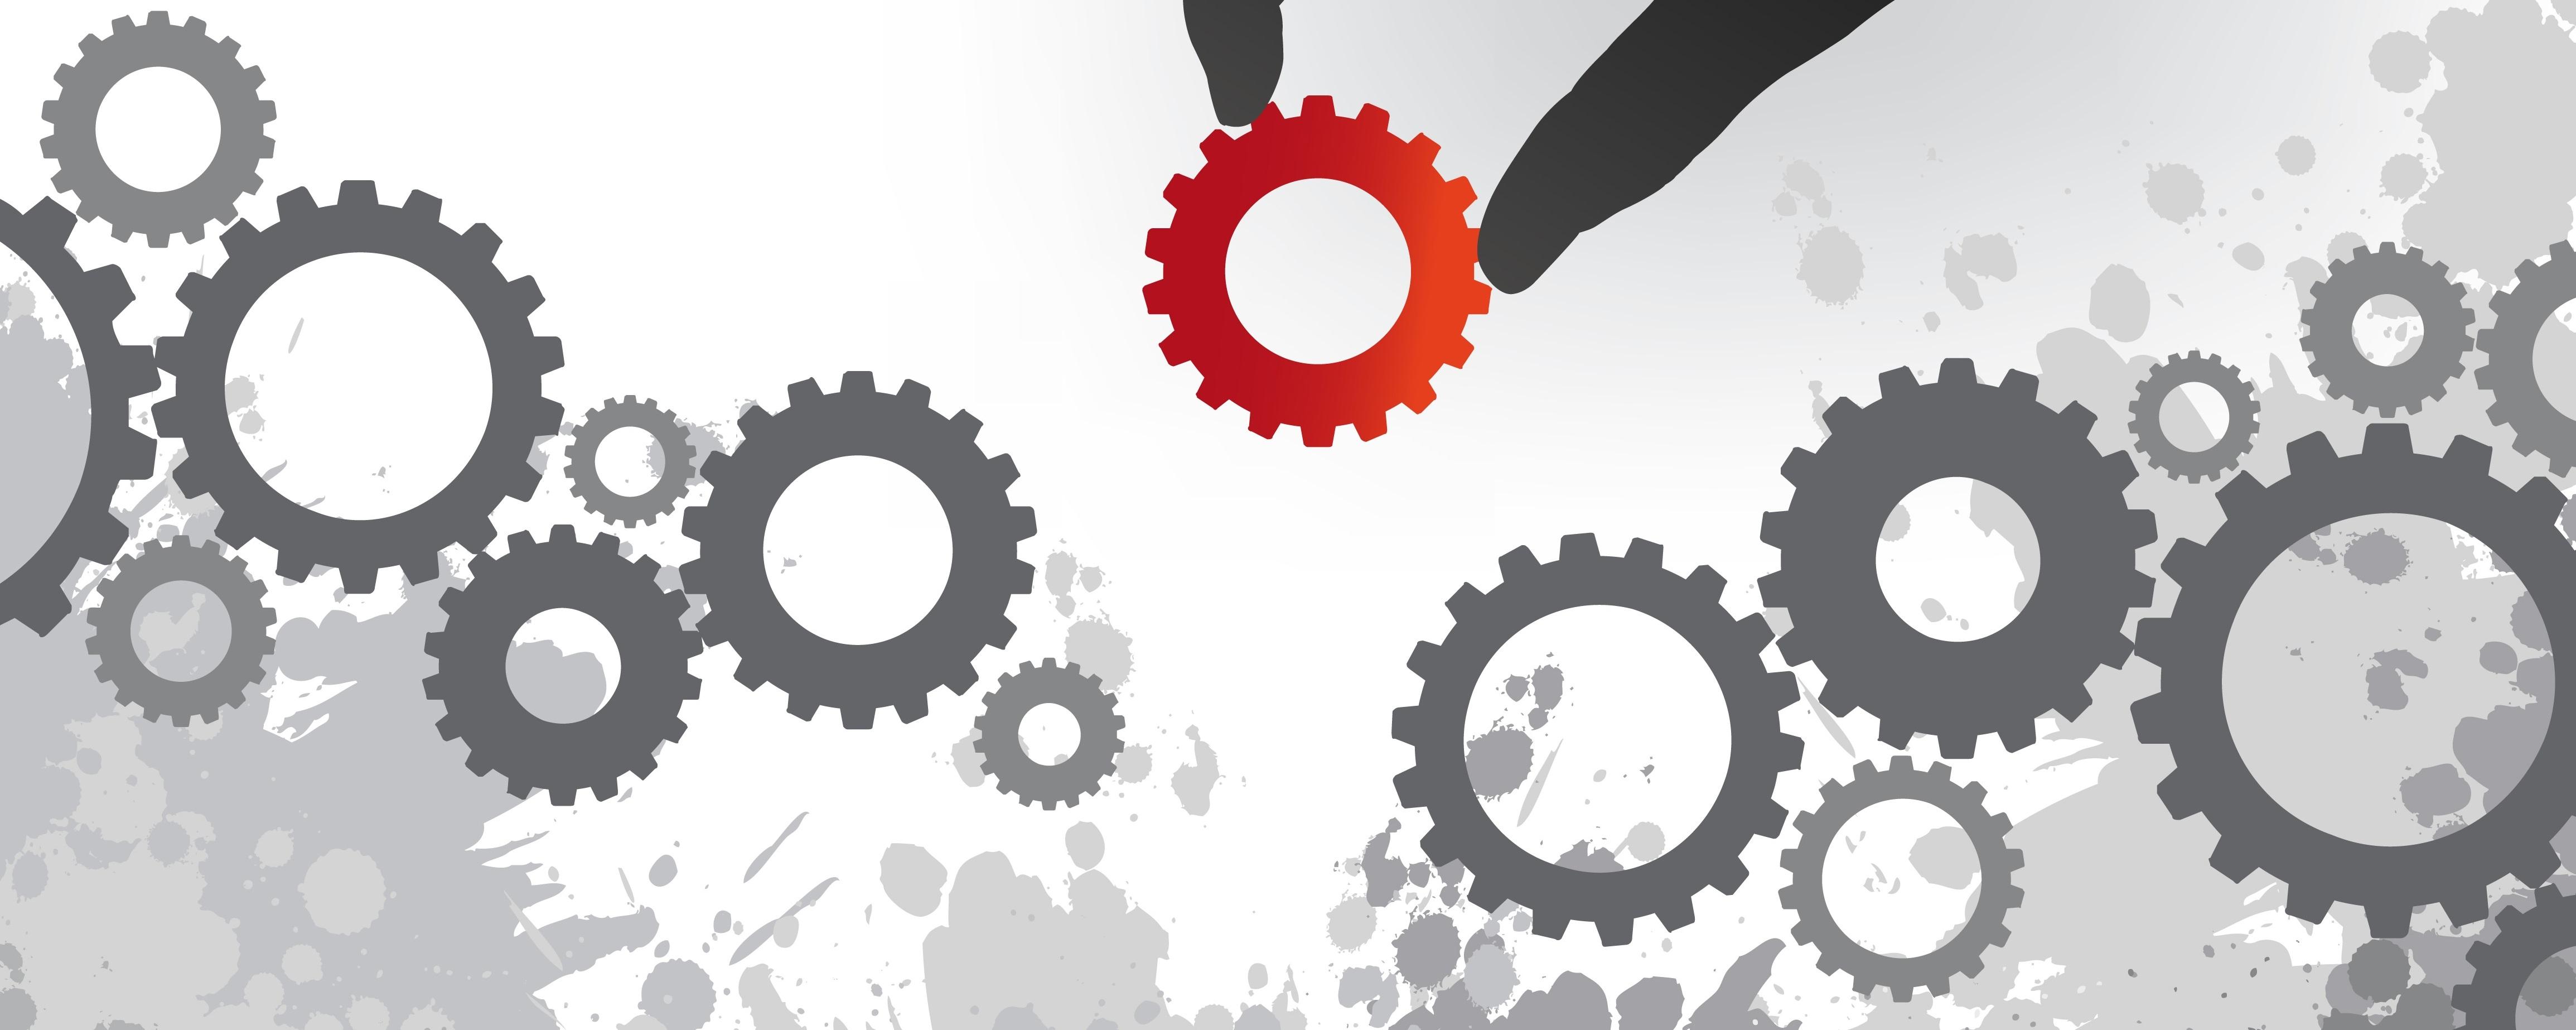 صدای پای یارانه 1200 میلیاردی تولید میآید/ صنایع رقابتپذیر در اولویت دریافت یارانه